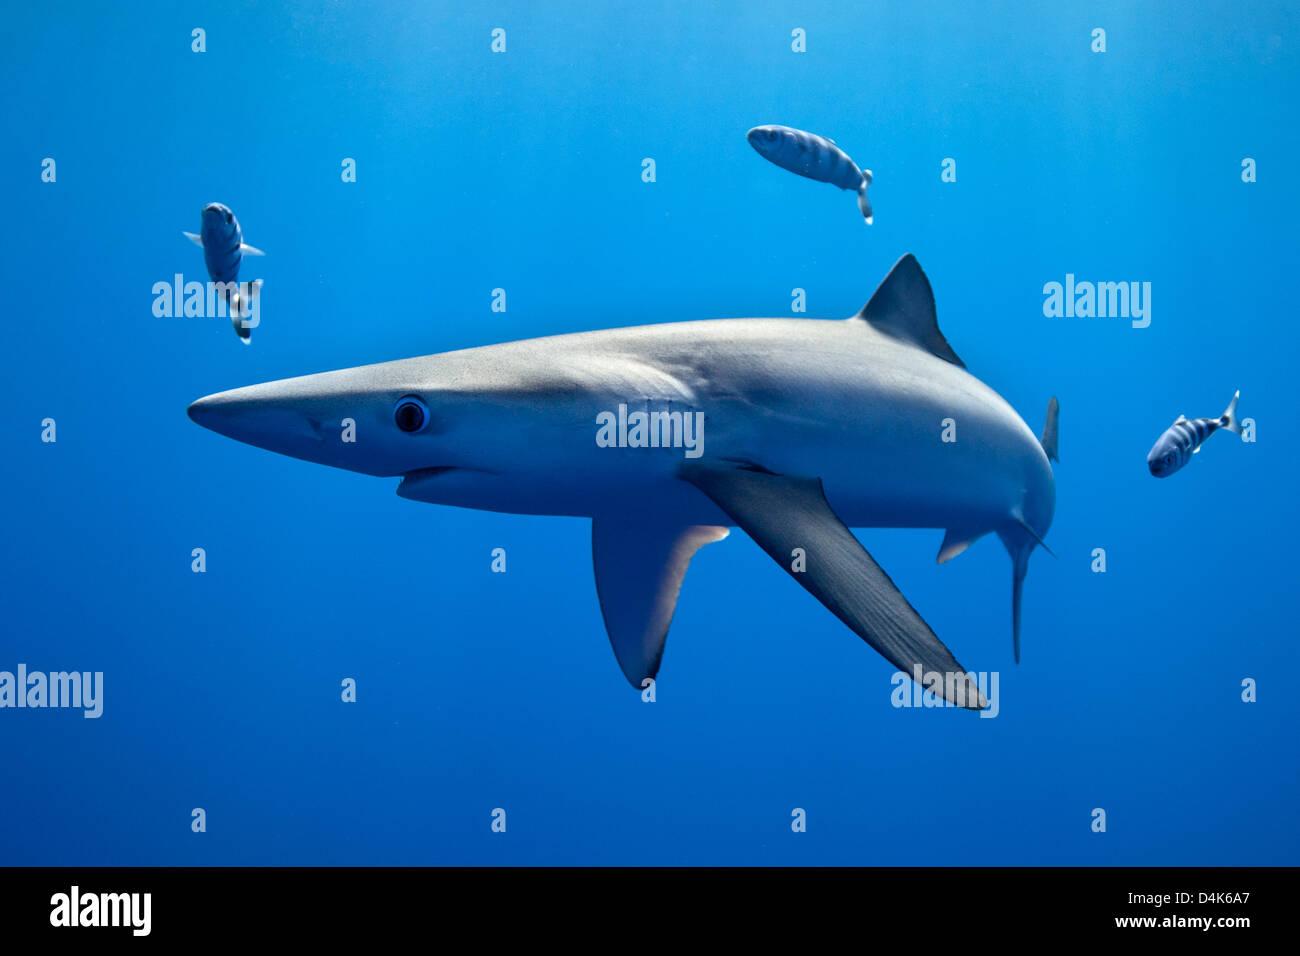 Shark and fish swimming underwater - Stock Image